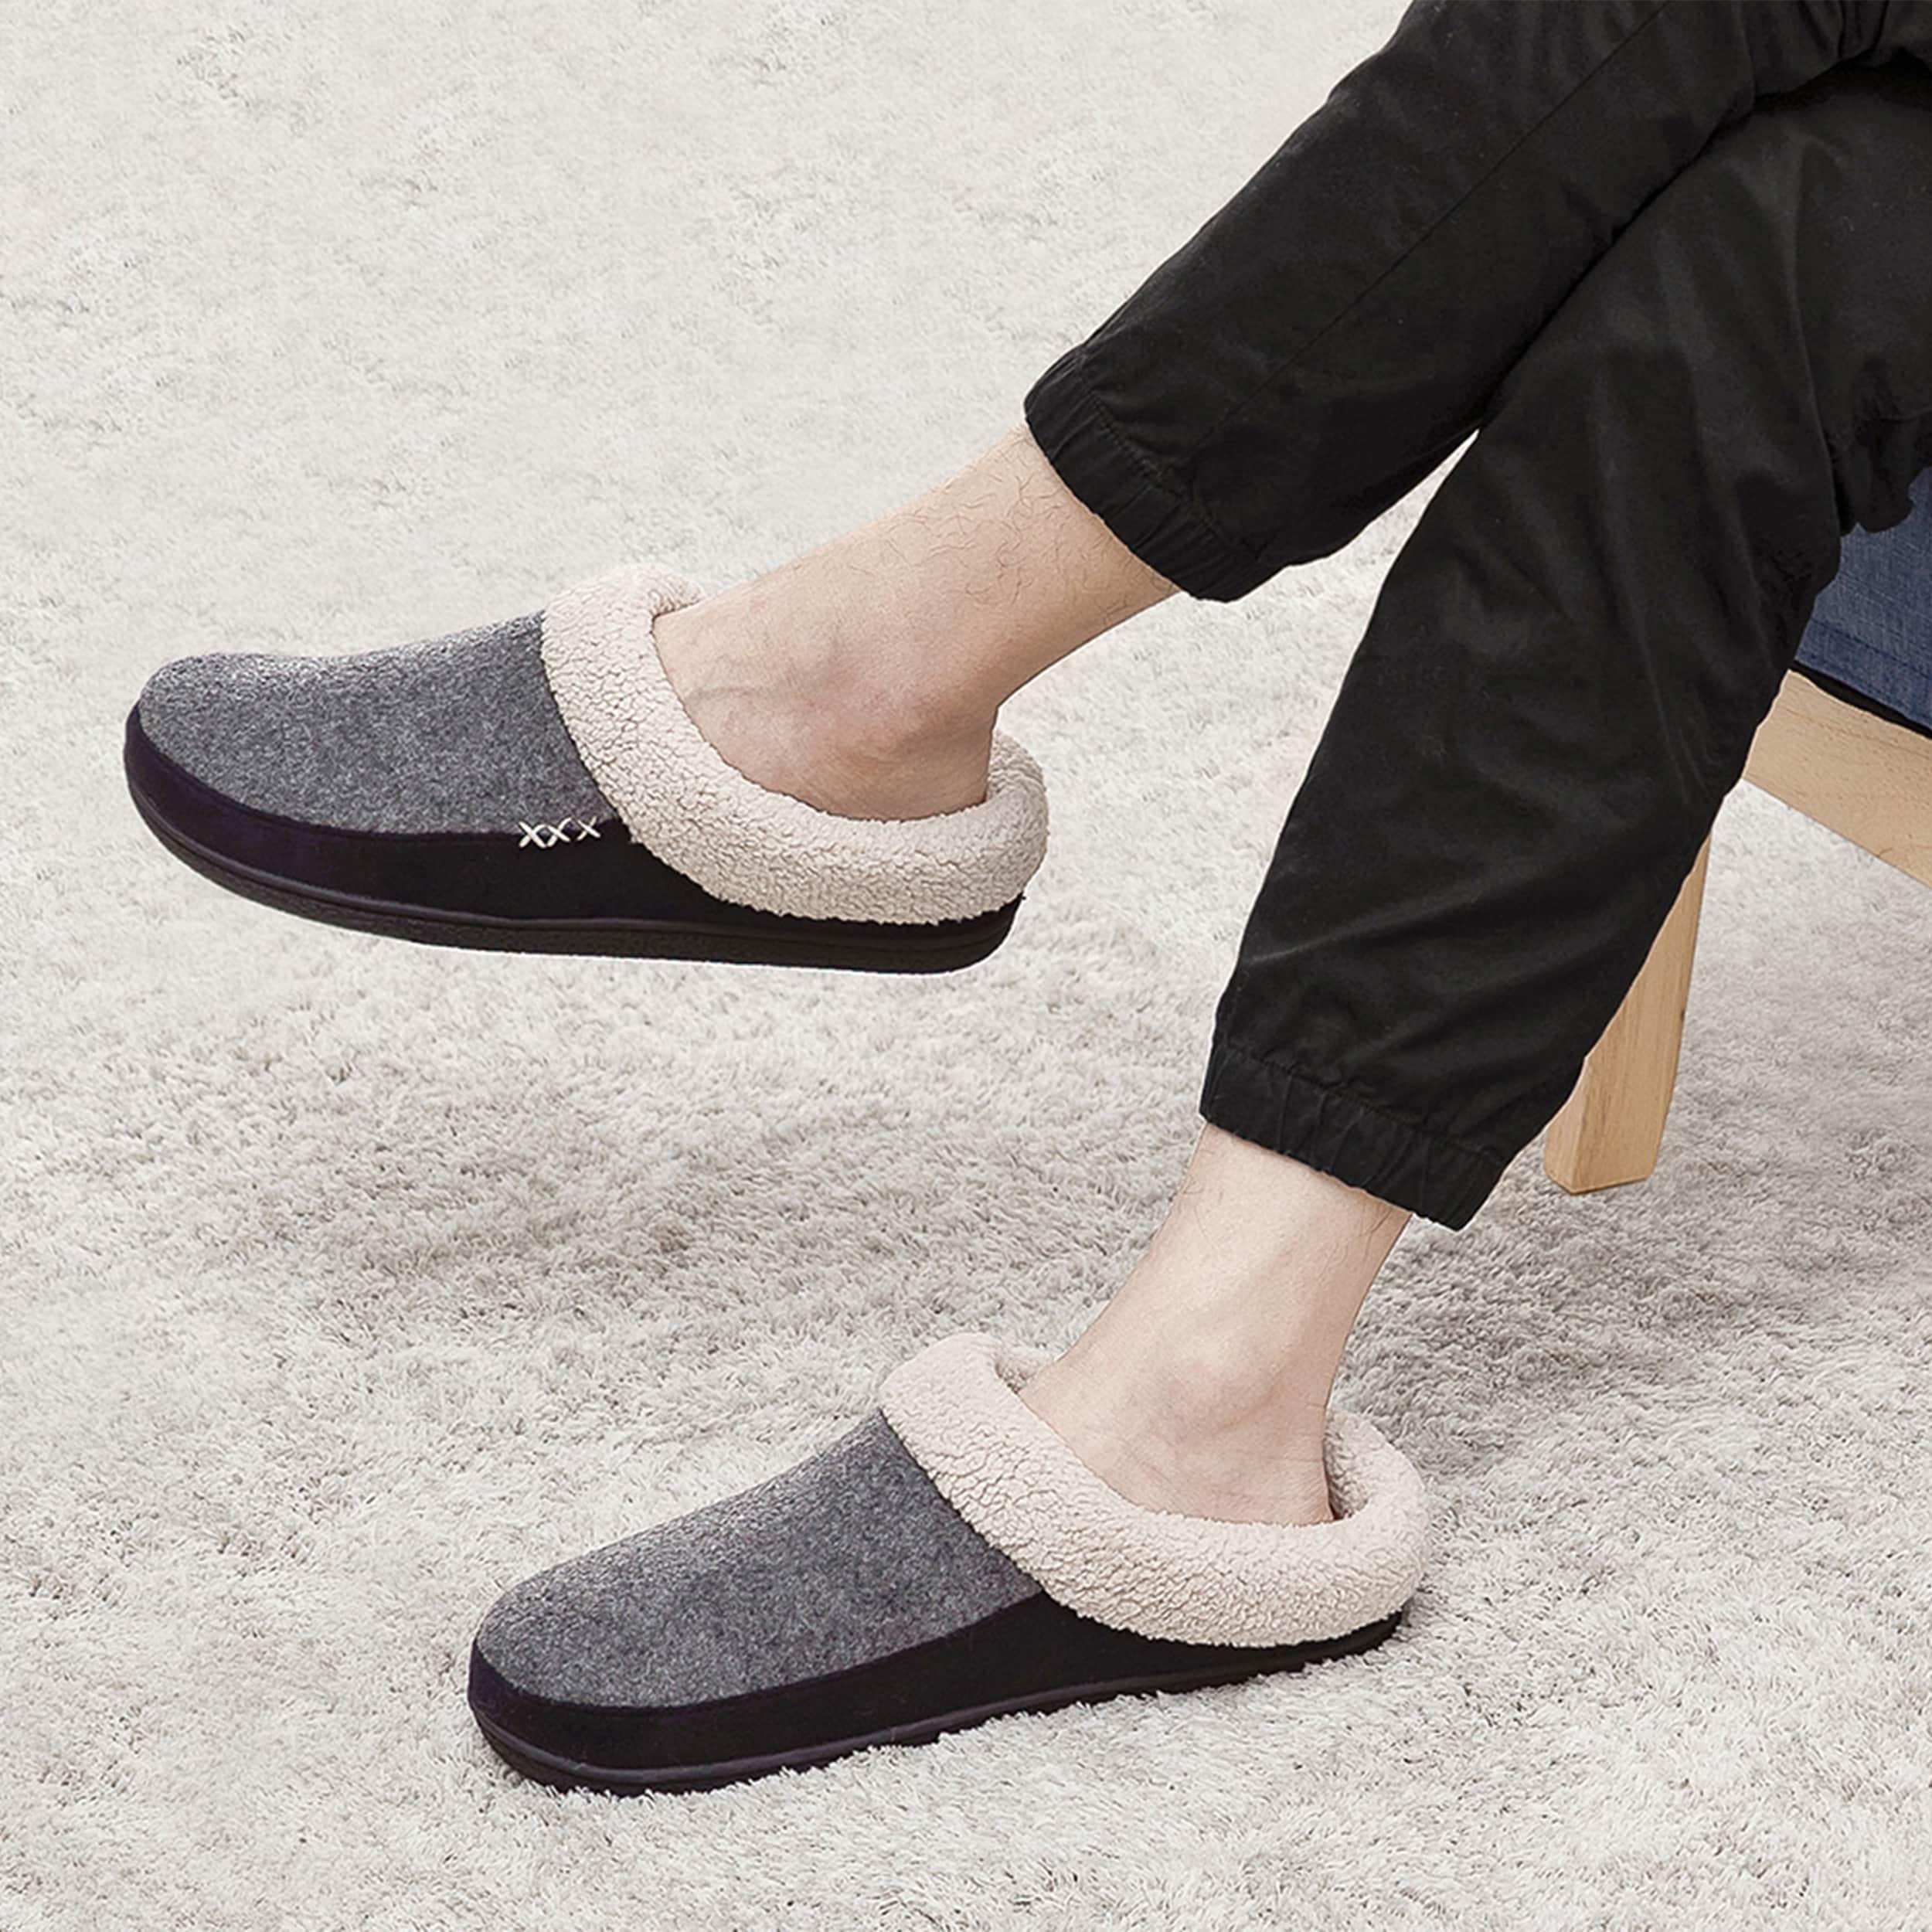 Wool Fleece Garden Shoes - Overstock